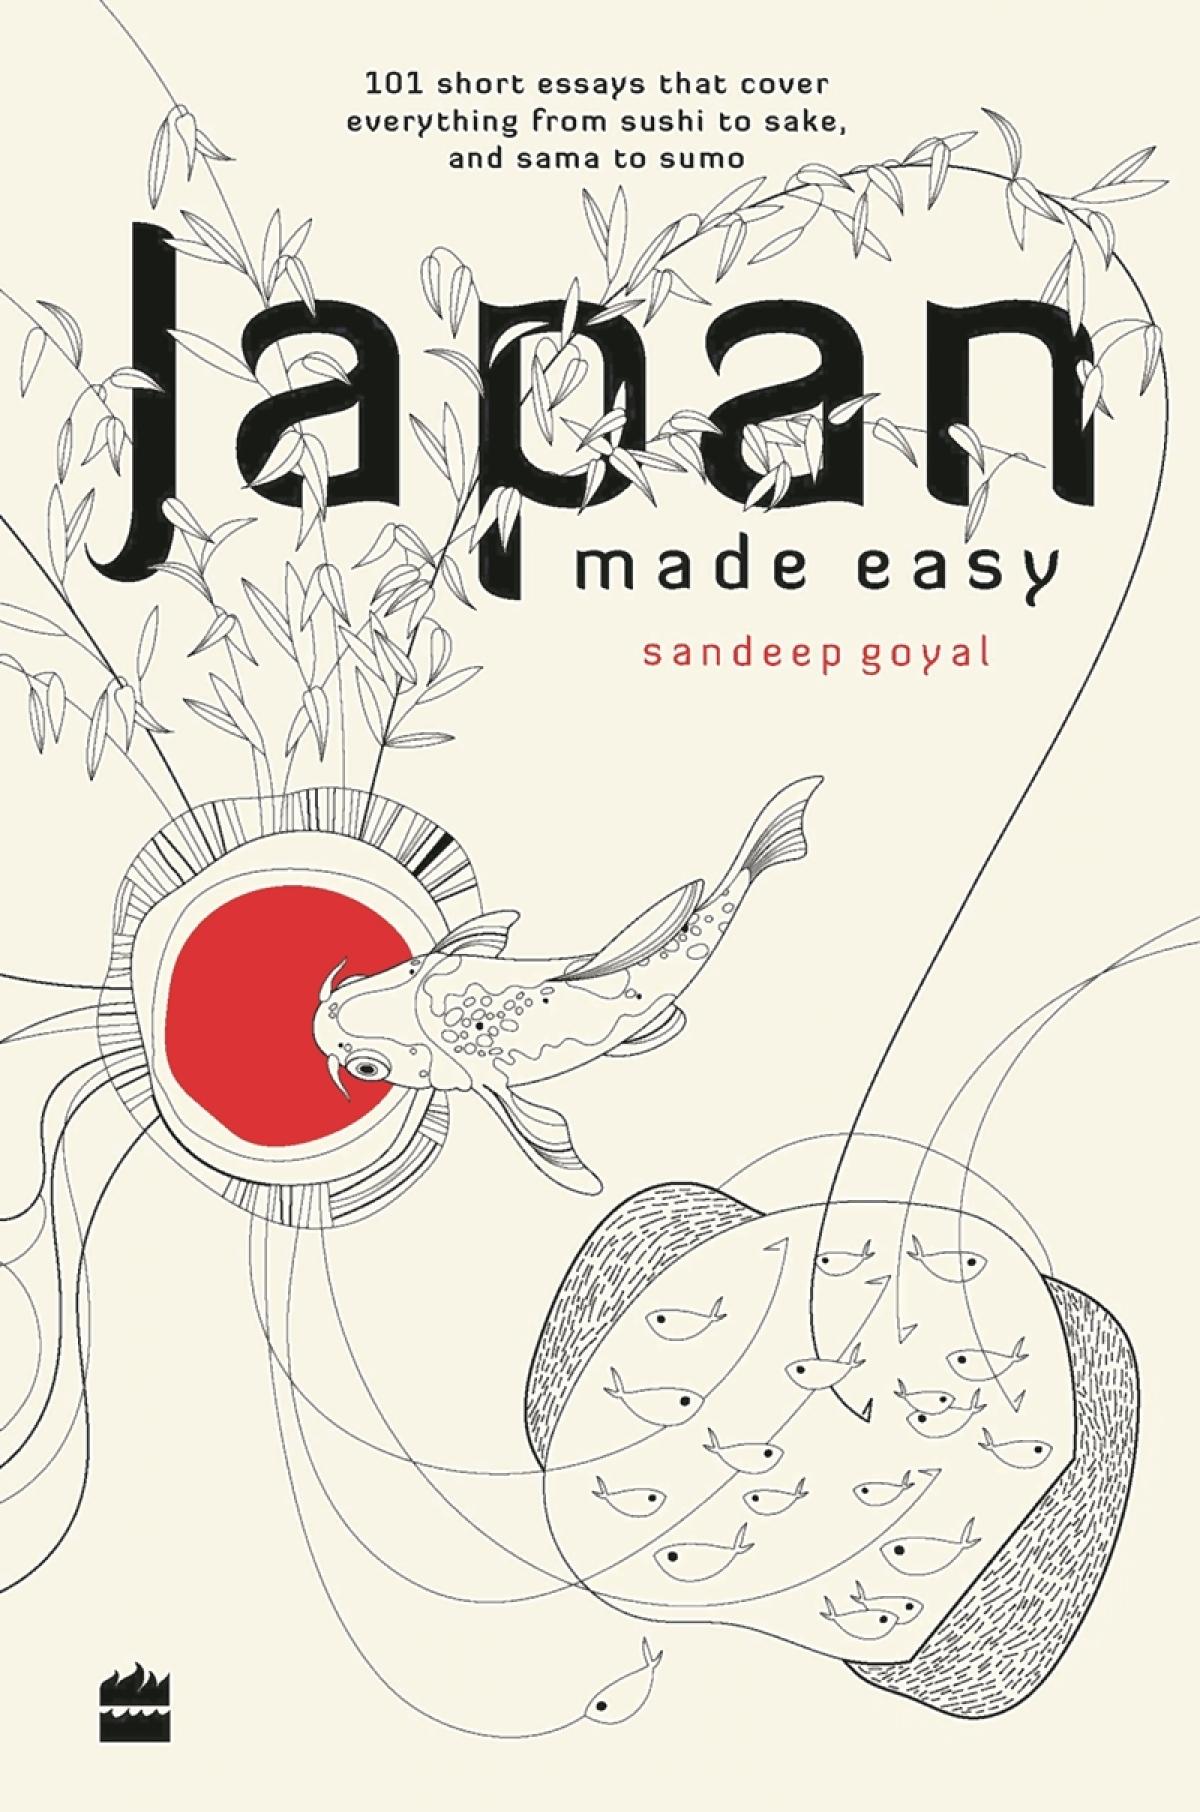 The Japan Chronicler: Sandeep Goyal on his love affair with Japan